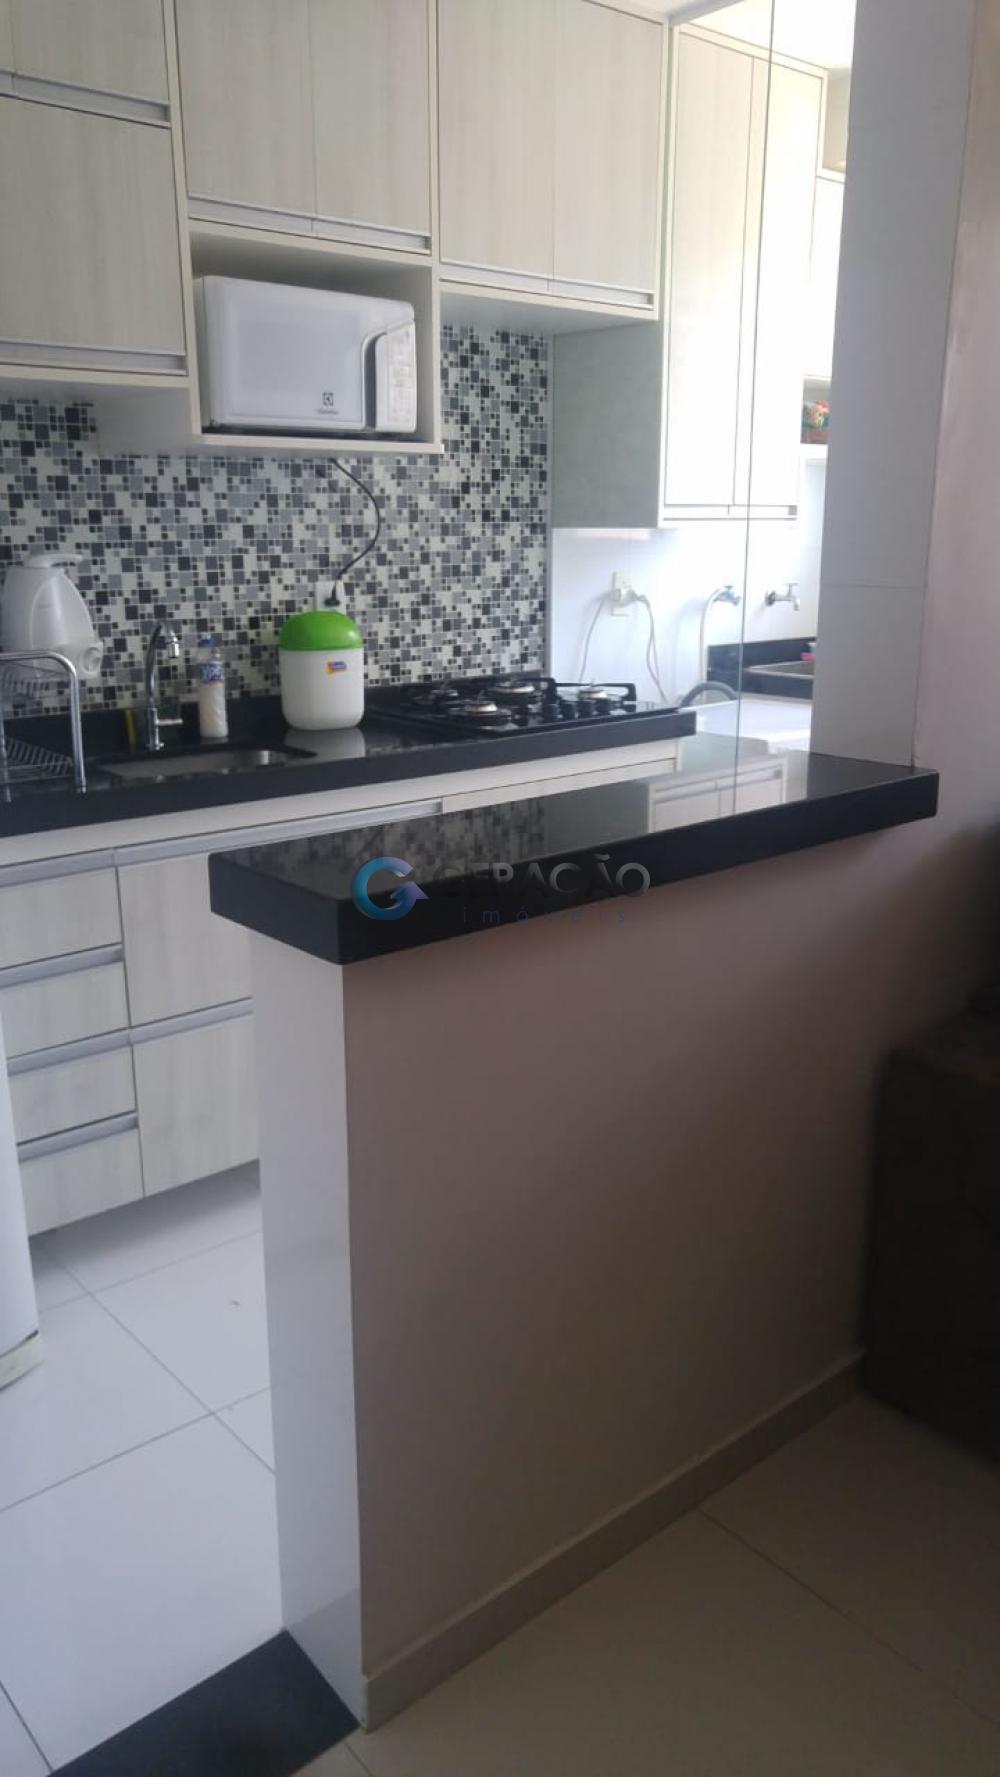 Comprar Apartamento / Padrão em São José dos Campos R$ 182.000,00 - Foto 6